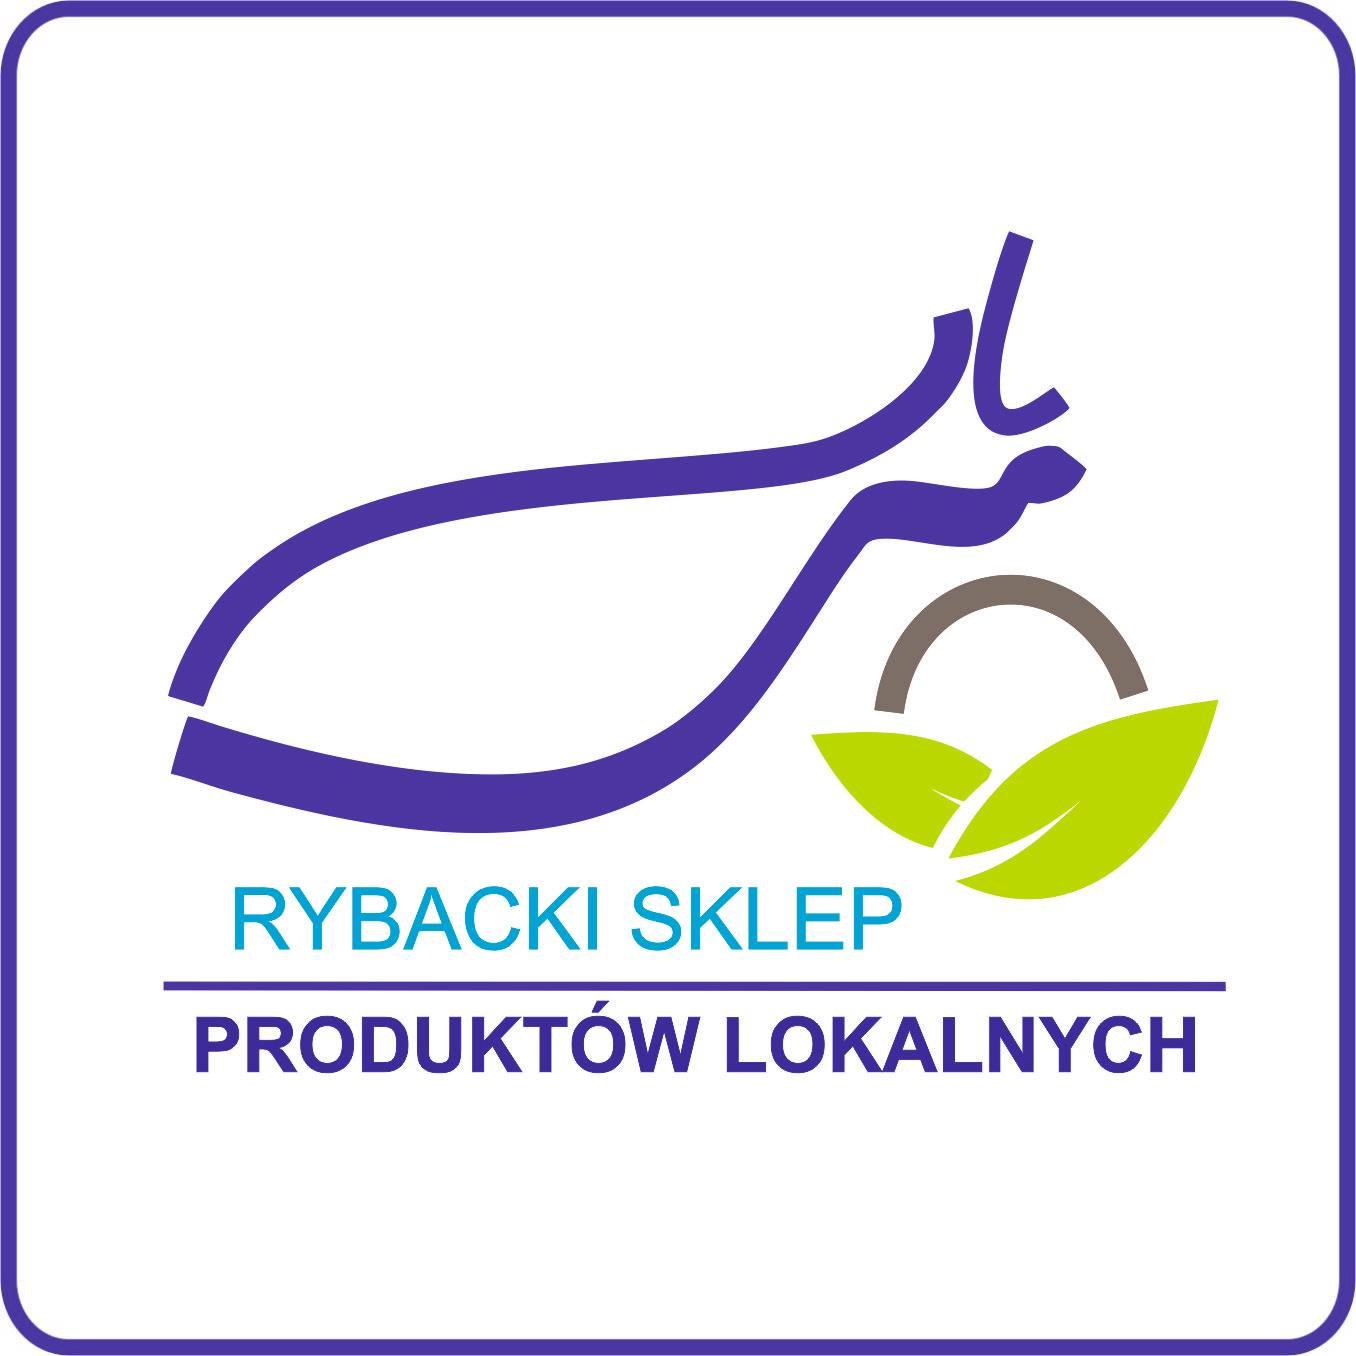 Powstaje Rybacki Sklep Produktów Lokalnych